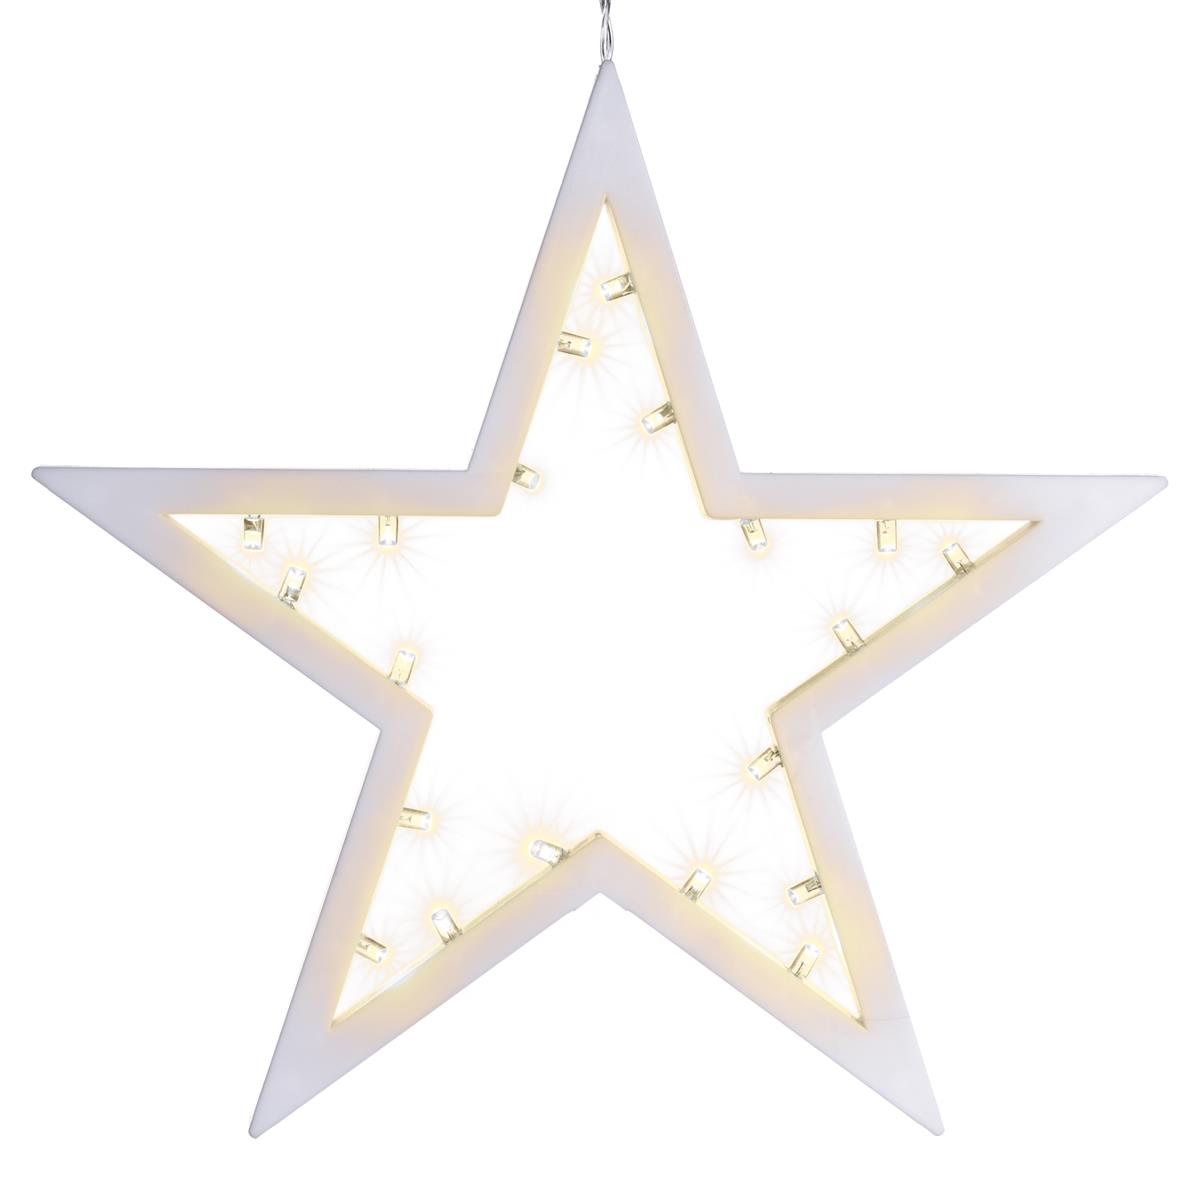 20 LED Dekoleuchte Stern warm weiß Weihnachtsstern Lichterstern Dekostern 25,5cm